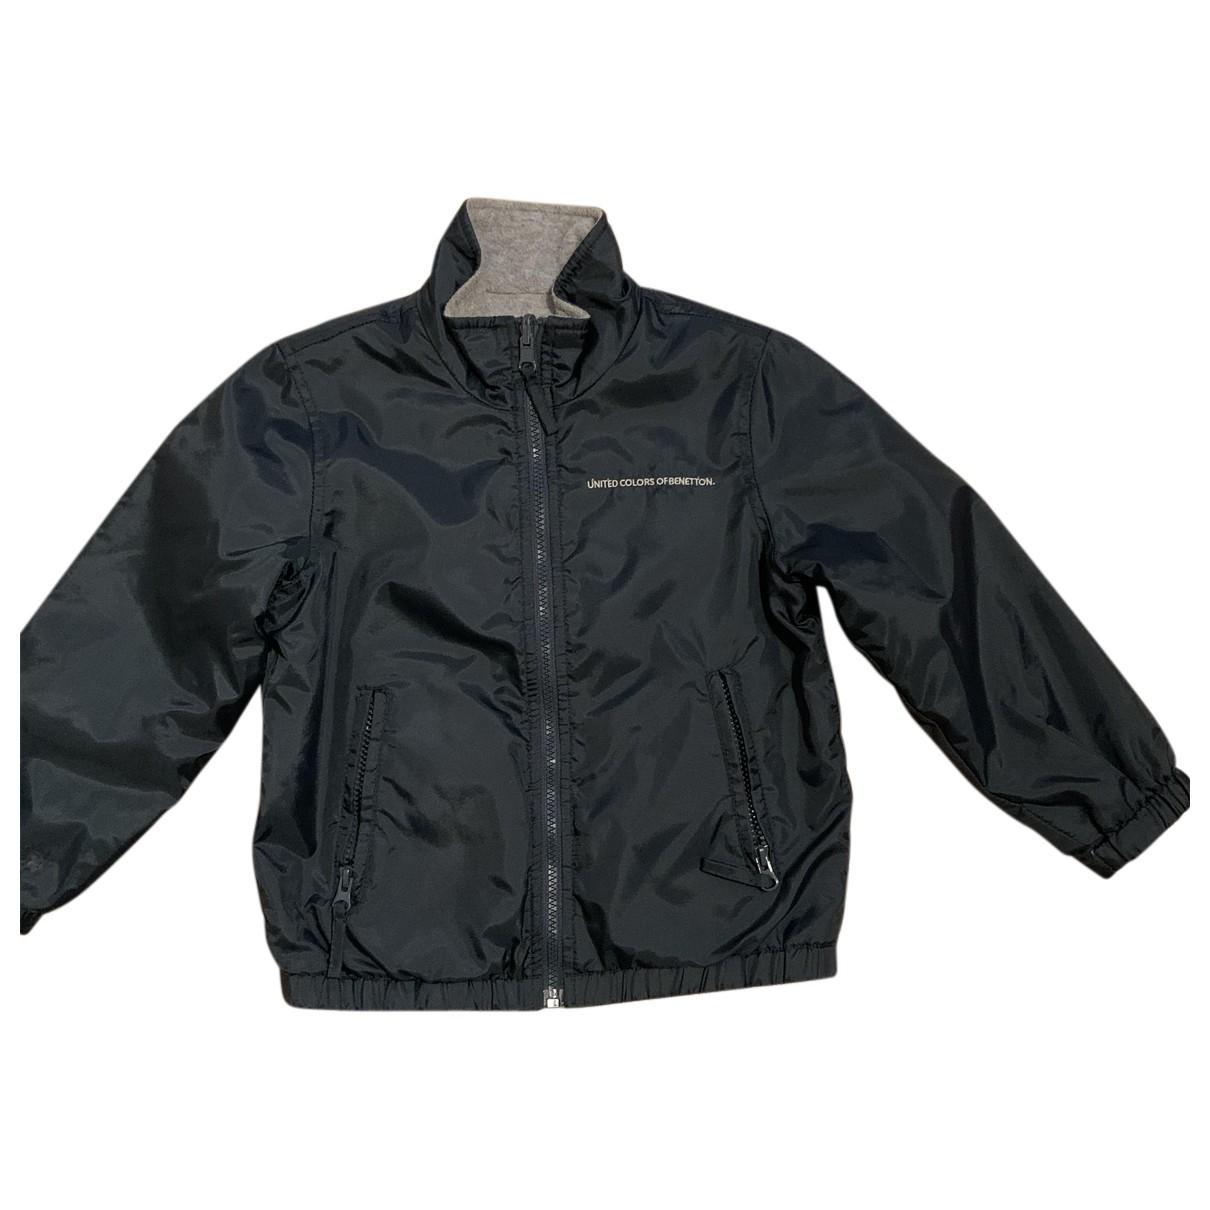 Benetton - Blousons.Manteaux   pour enfant - vert